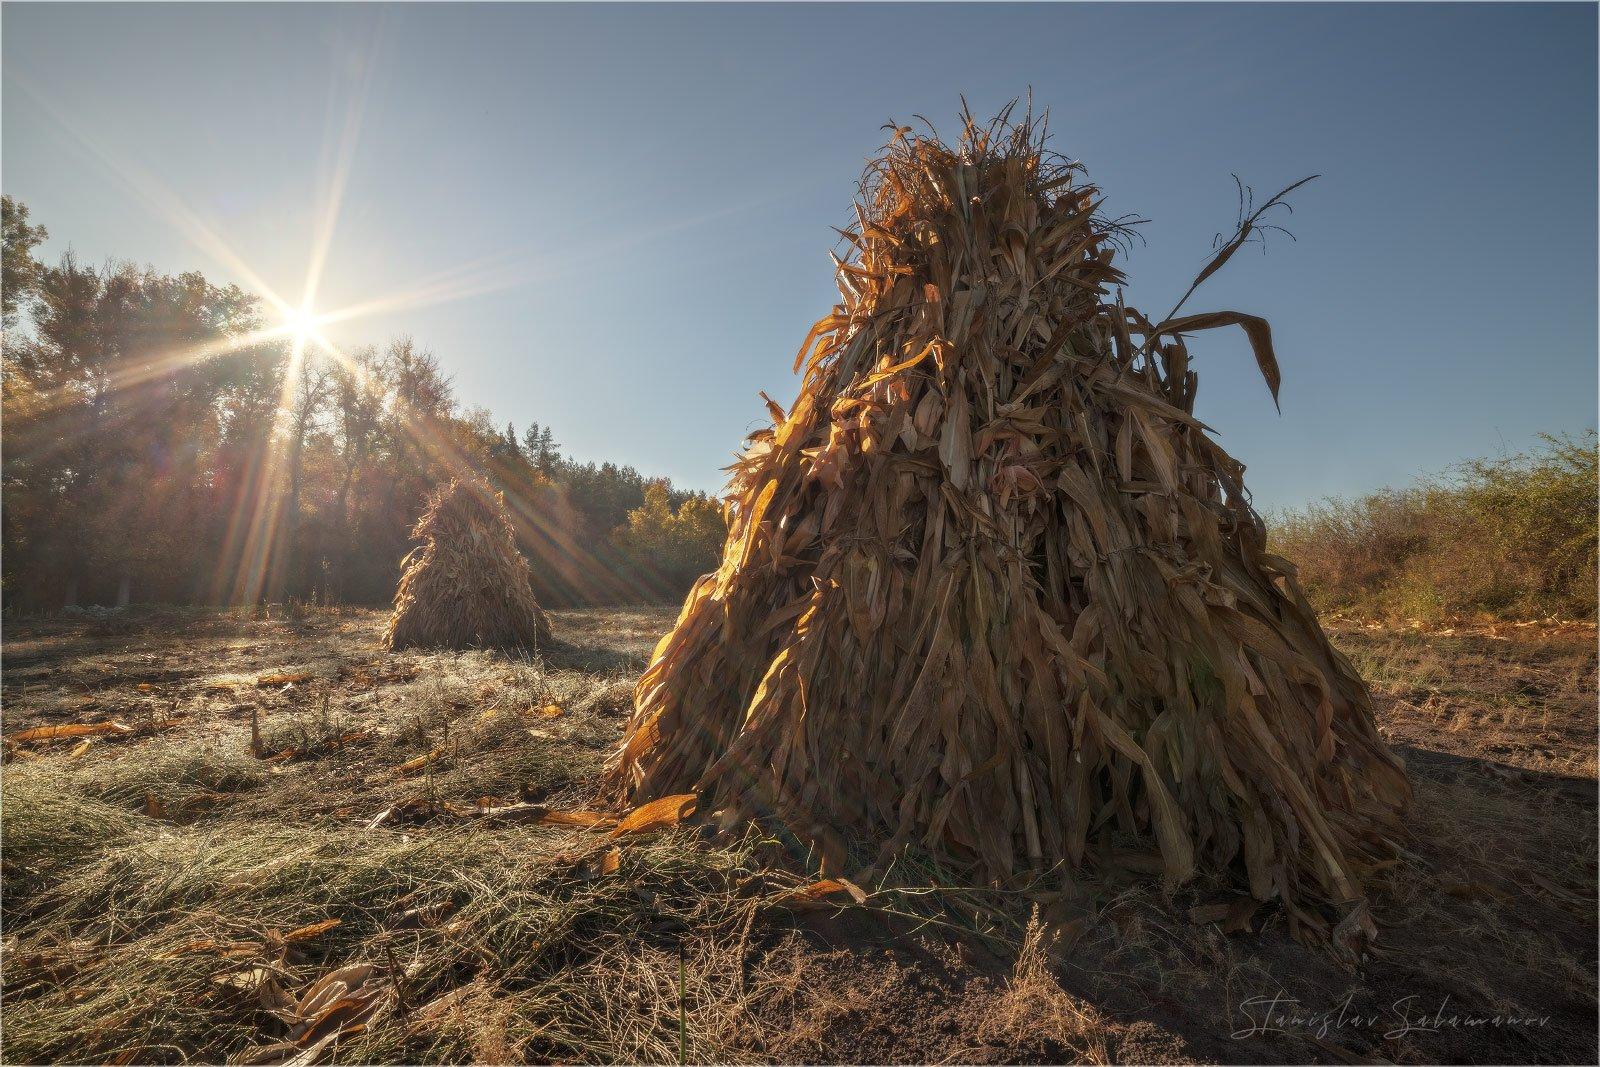 утро, рассвет, туман, осень, осенняя, осенняя пора, пейзаж, солнце, лучи, стог, сено, Станислав Саламанов